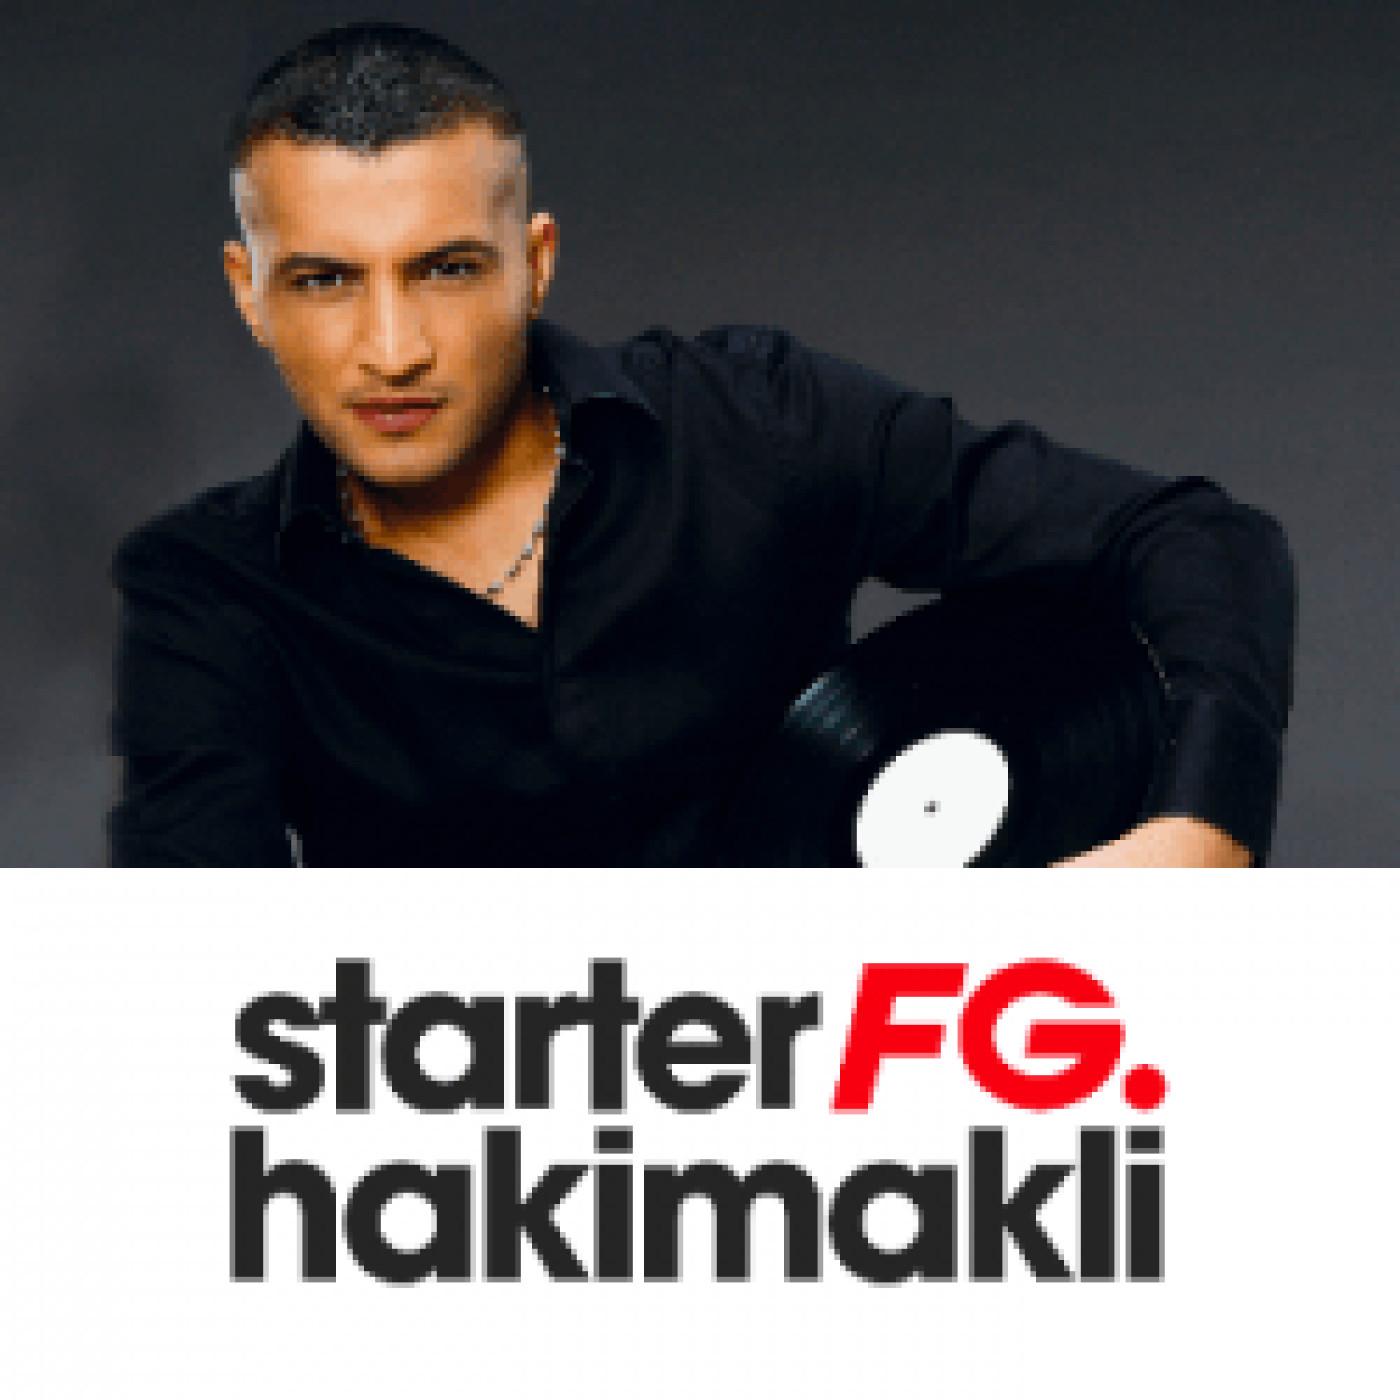 STARTER FG BY HAKIMAKLI MERCREDI 26 AOUT 2020